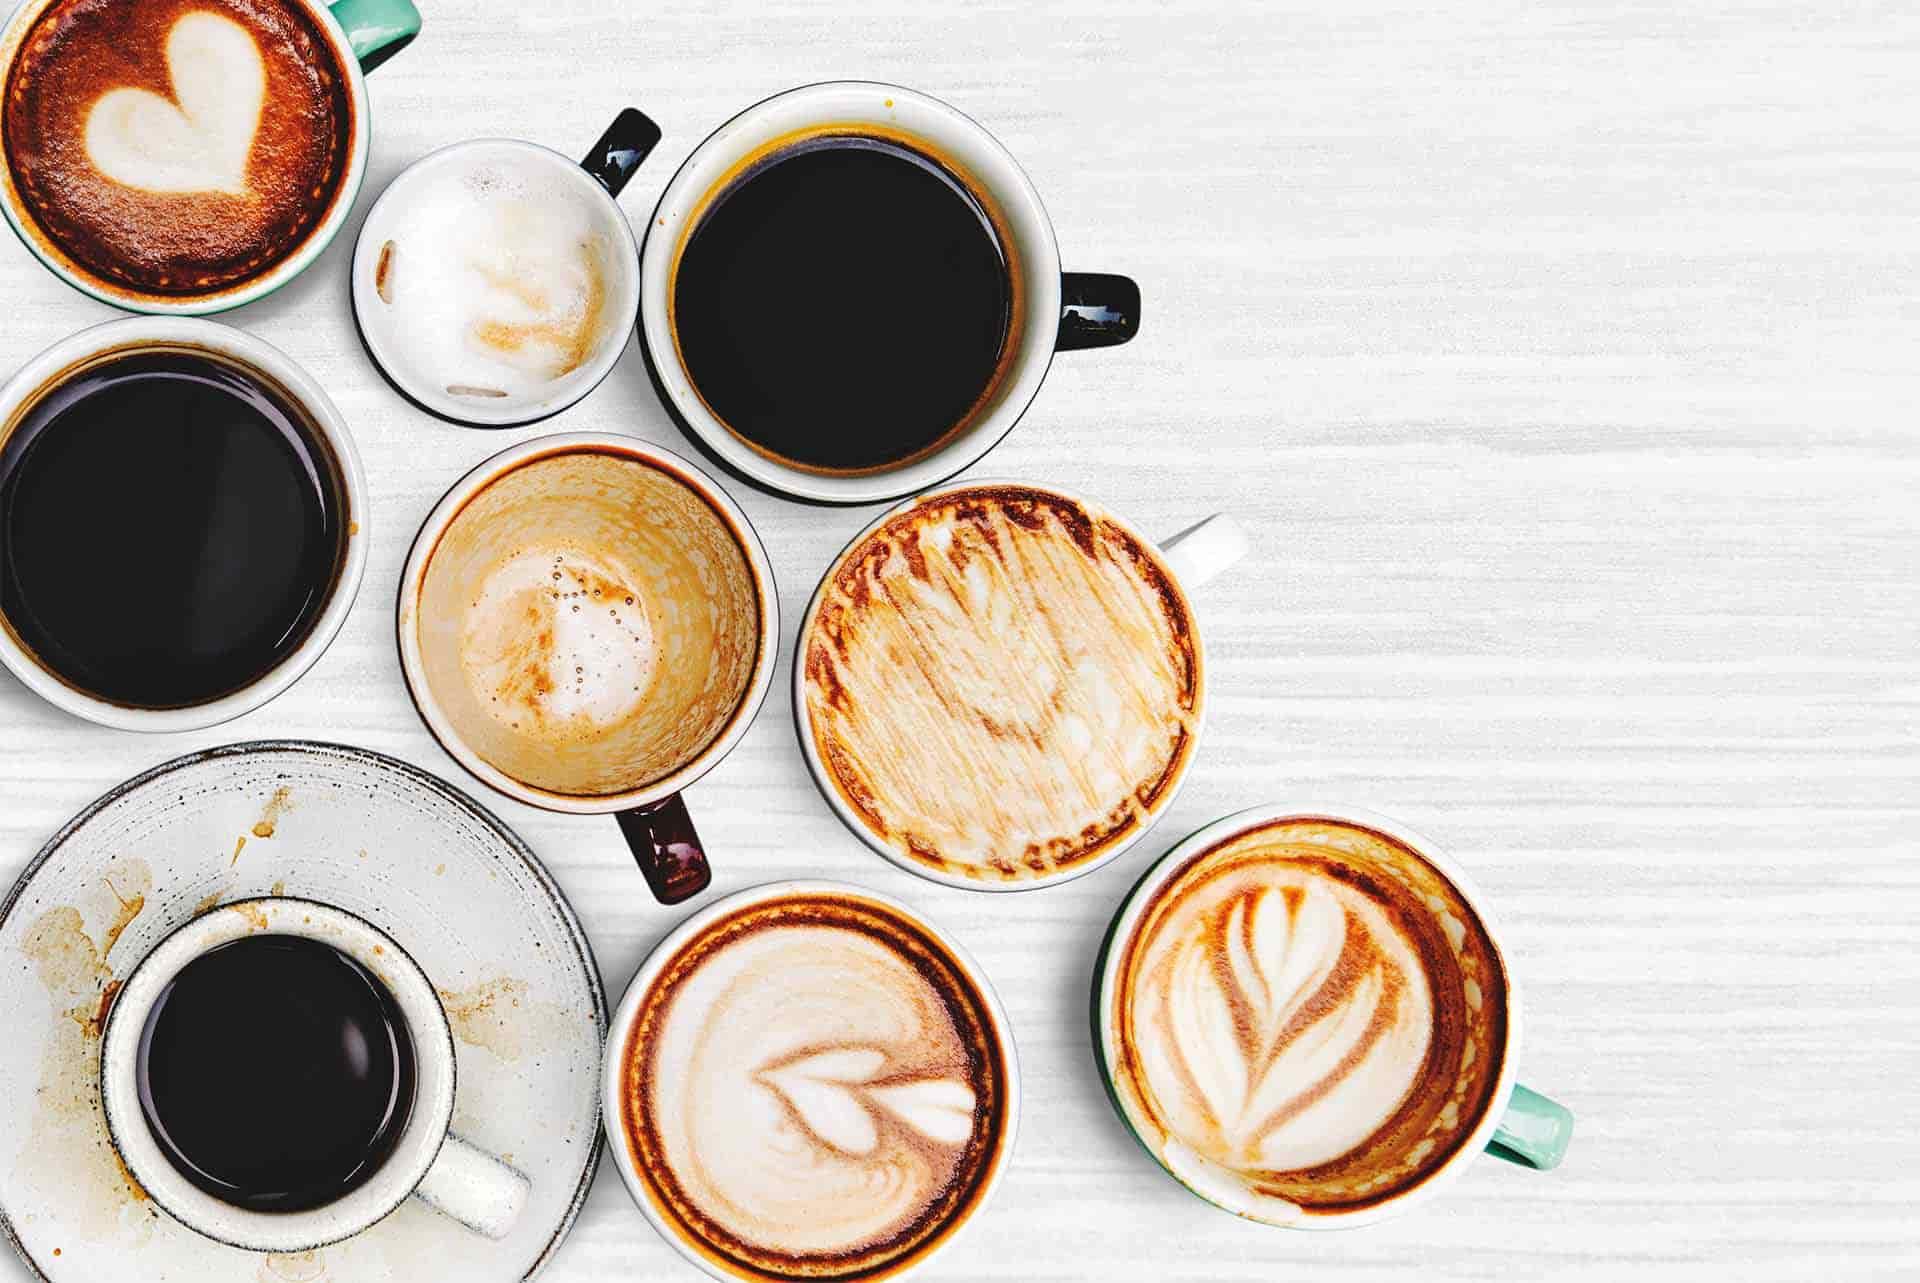 Kafeinli Kahve Kalp Sağlığını Destekliyor